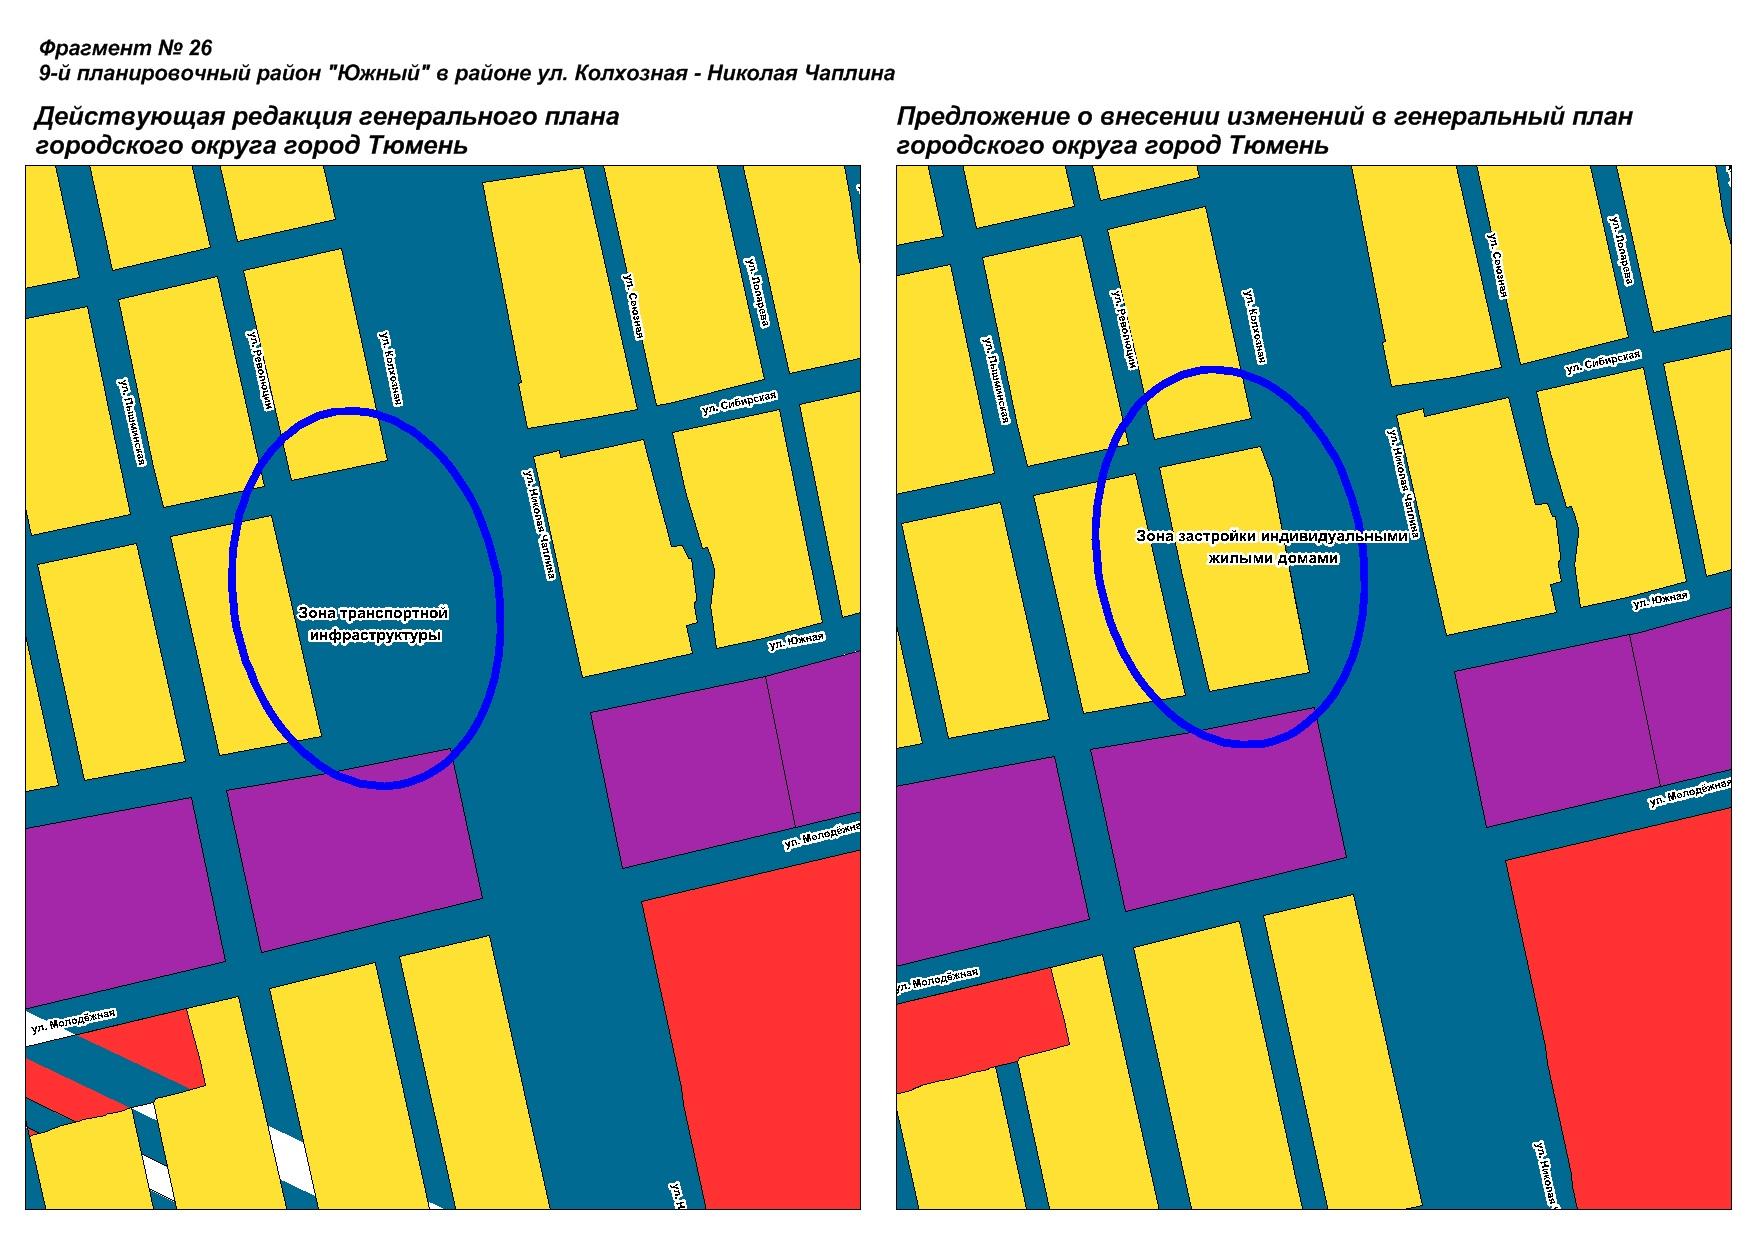 Посмотрите, зону транспортной инфраструктуры (синий прямоугольник слева) предлагают сделать зоной индивидуальной застройки (желтый)<br>